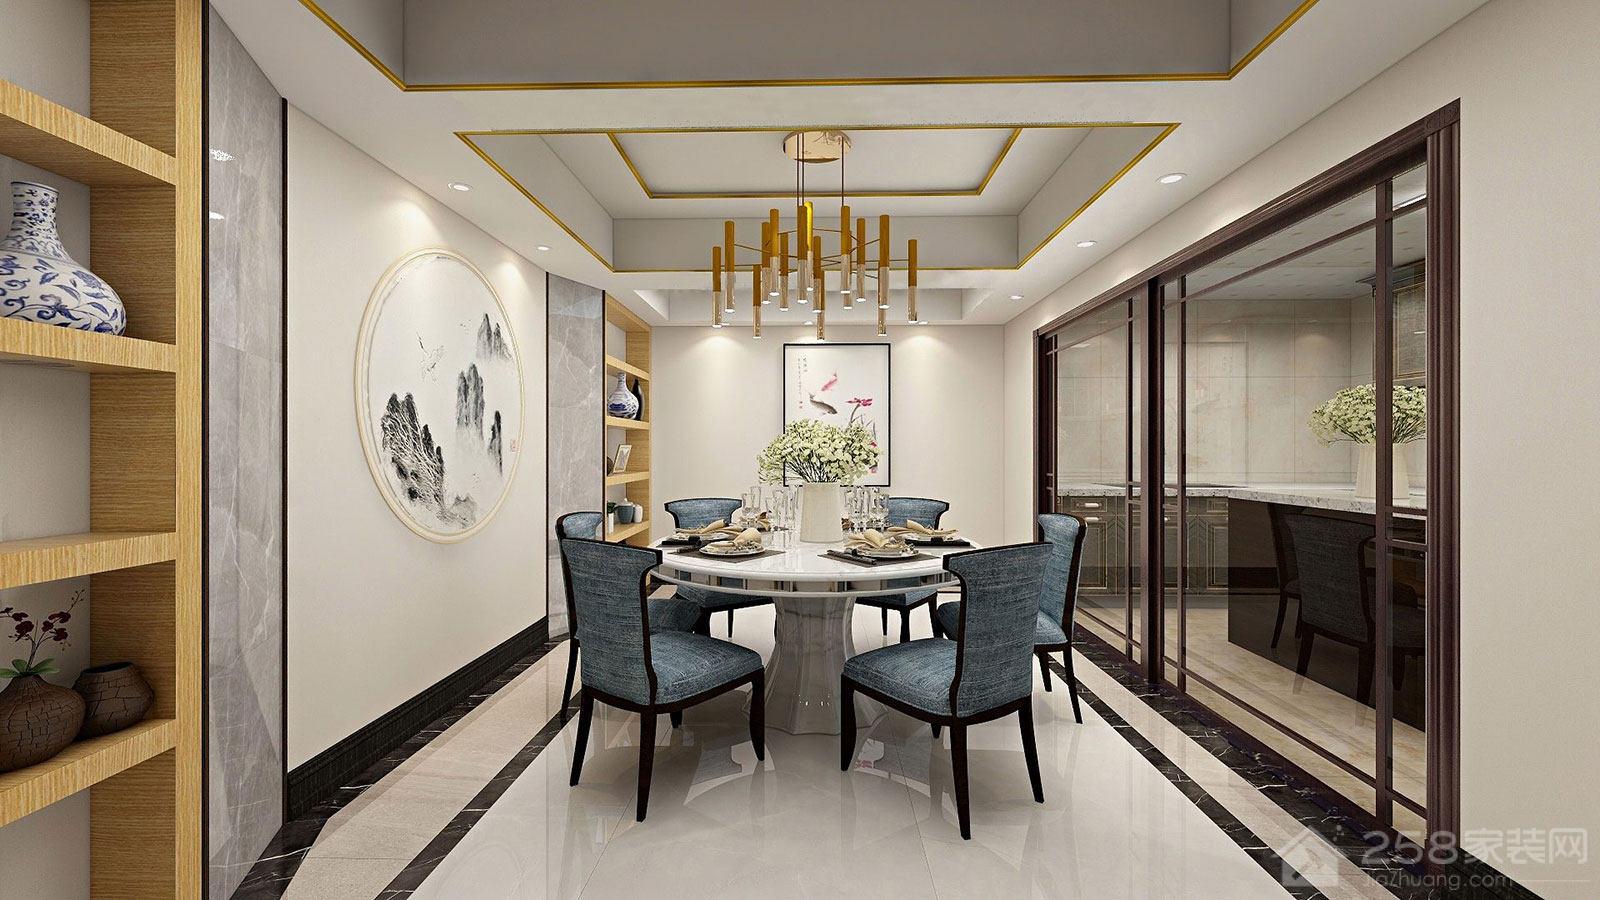 新中式风格餐厅圆形餐桌椅图片